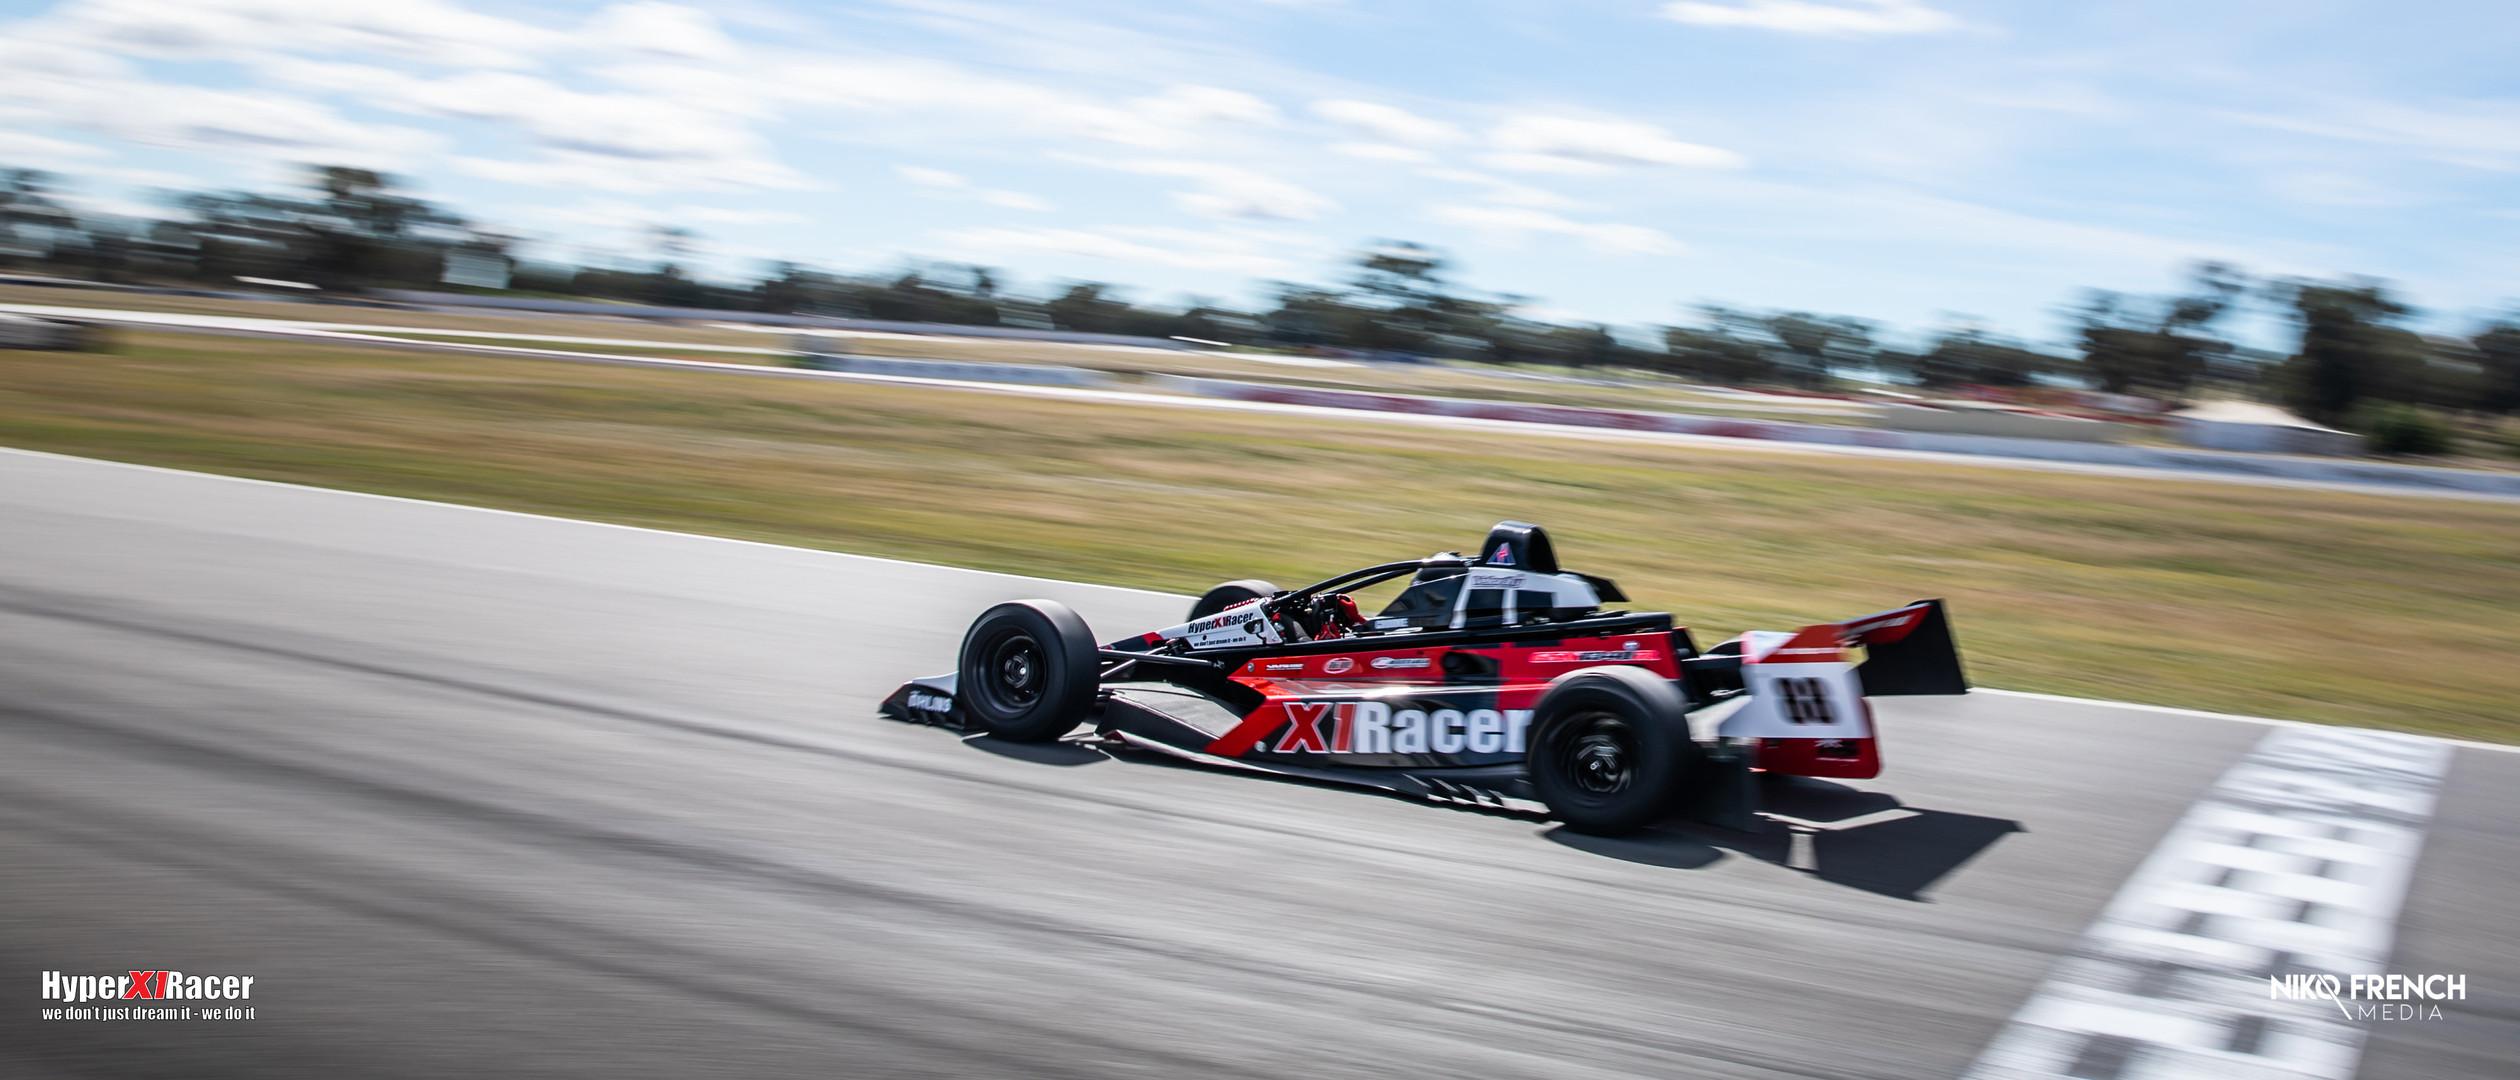 Hyper Racer wallpaper05.jpg